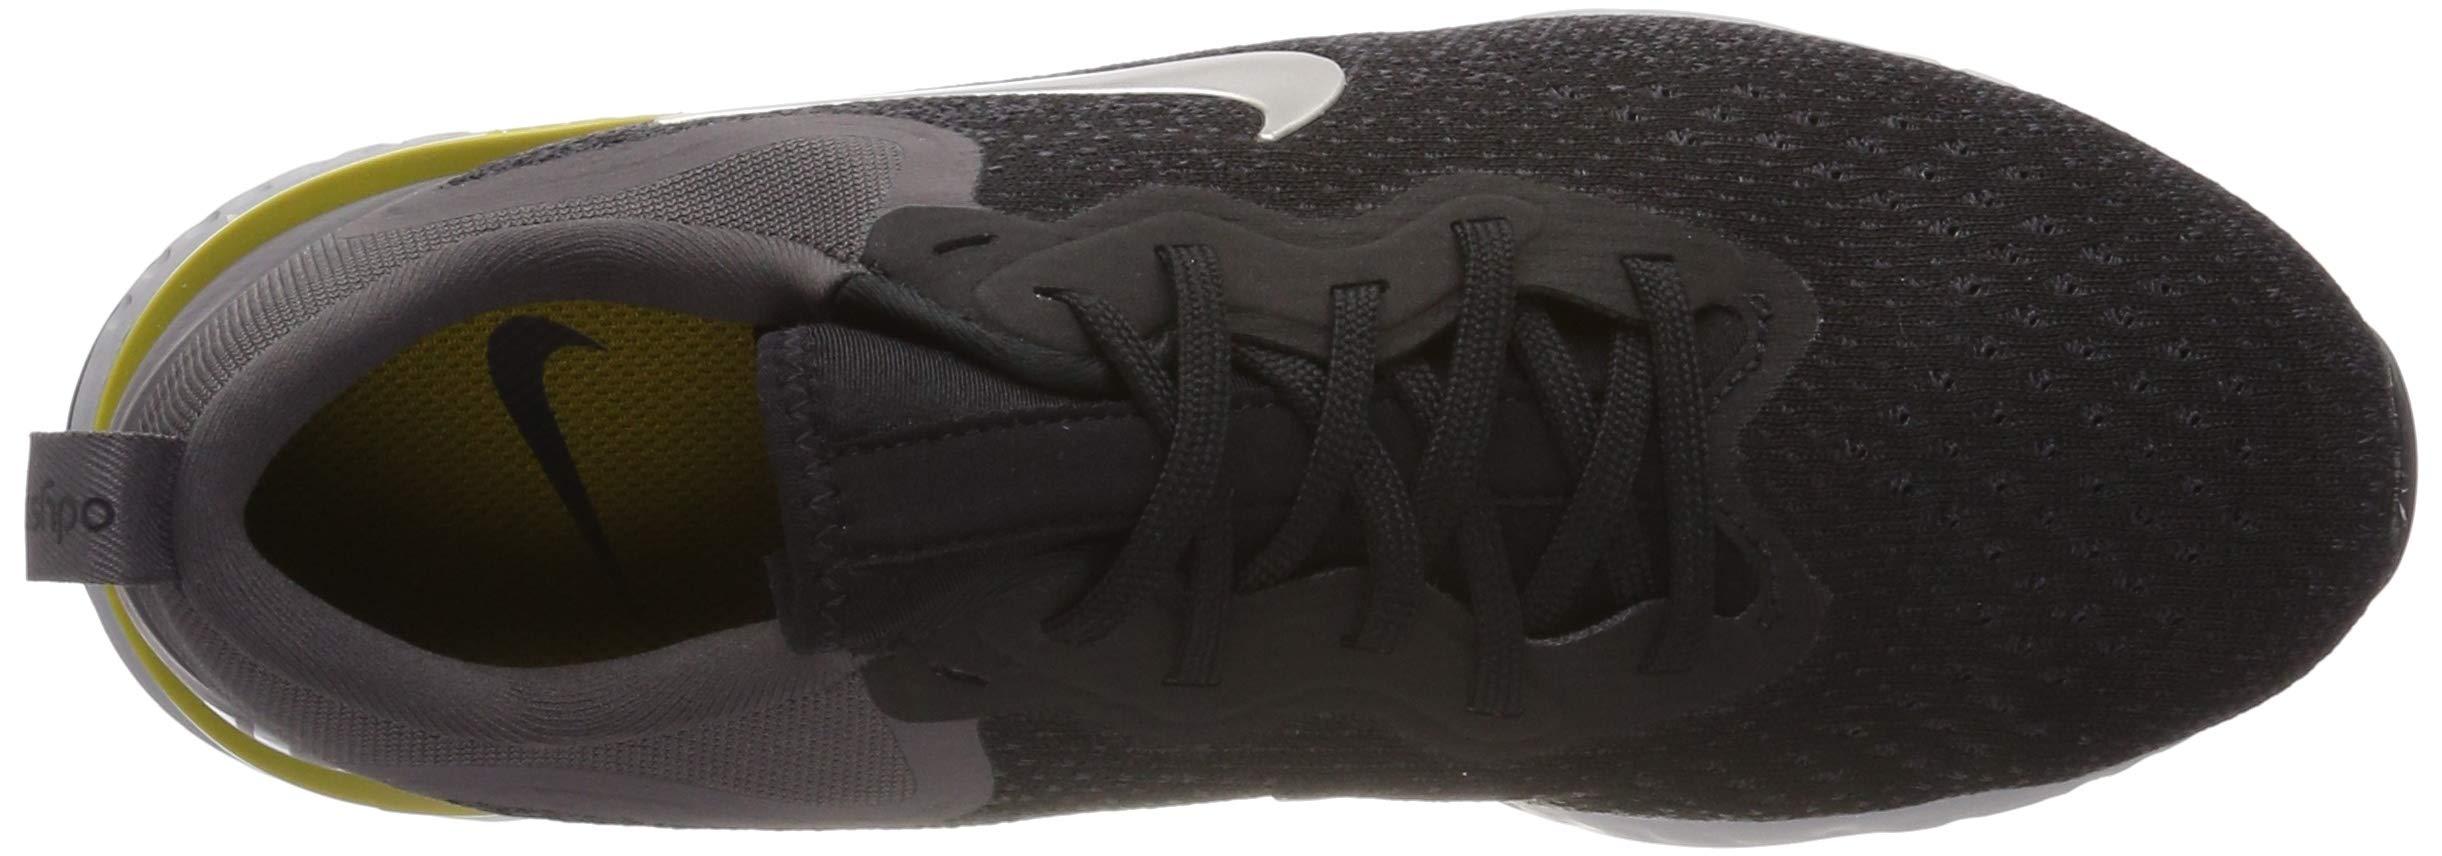 Nike Mens Odyssey React Running Shoes Black/Metallic/Grey/Atmos Grey 7 by Nike (Image #7)